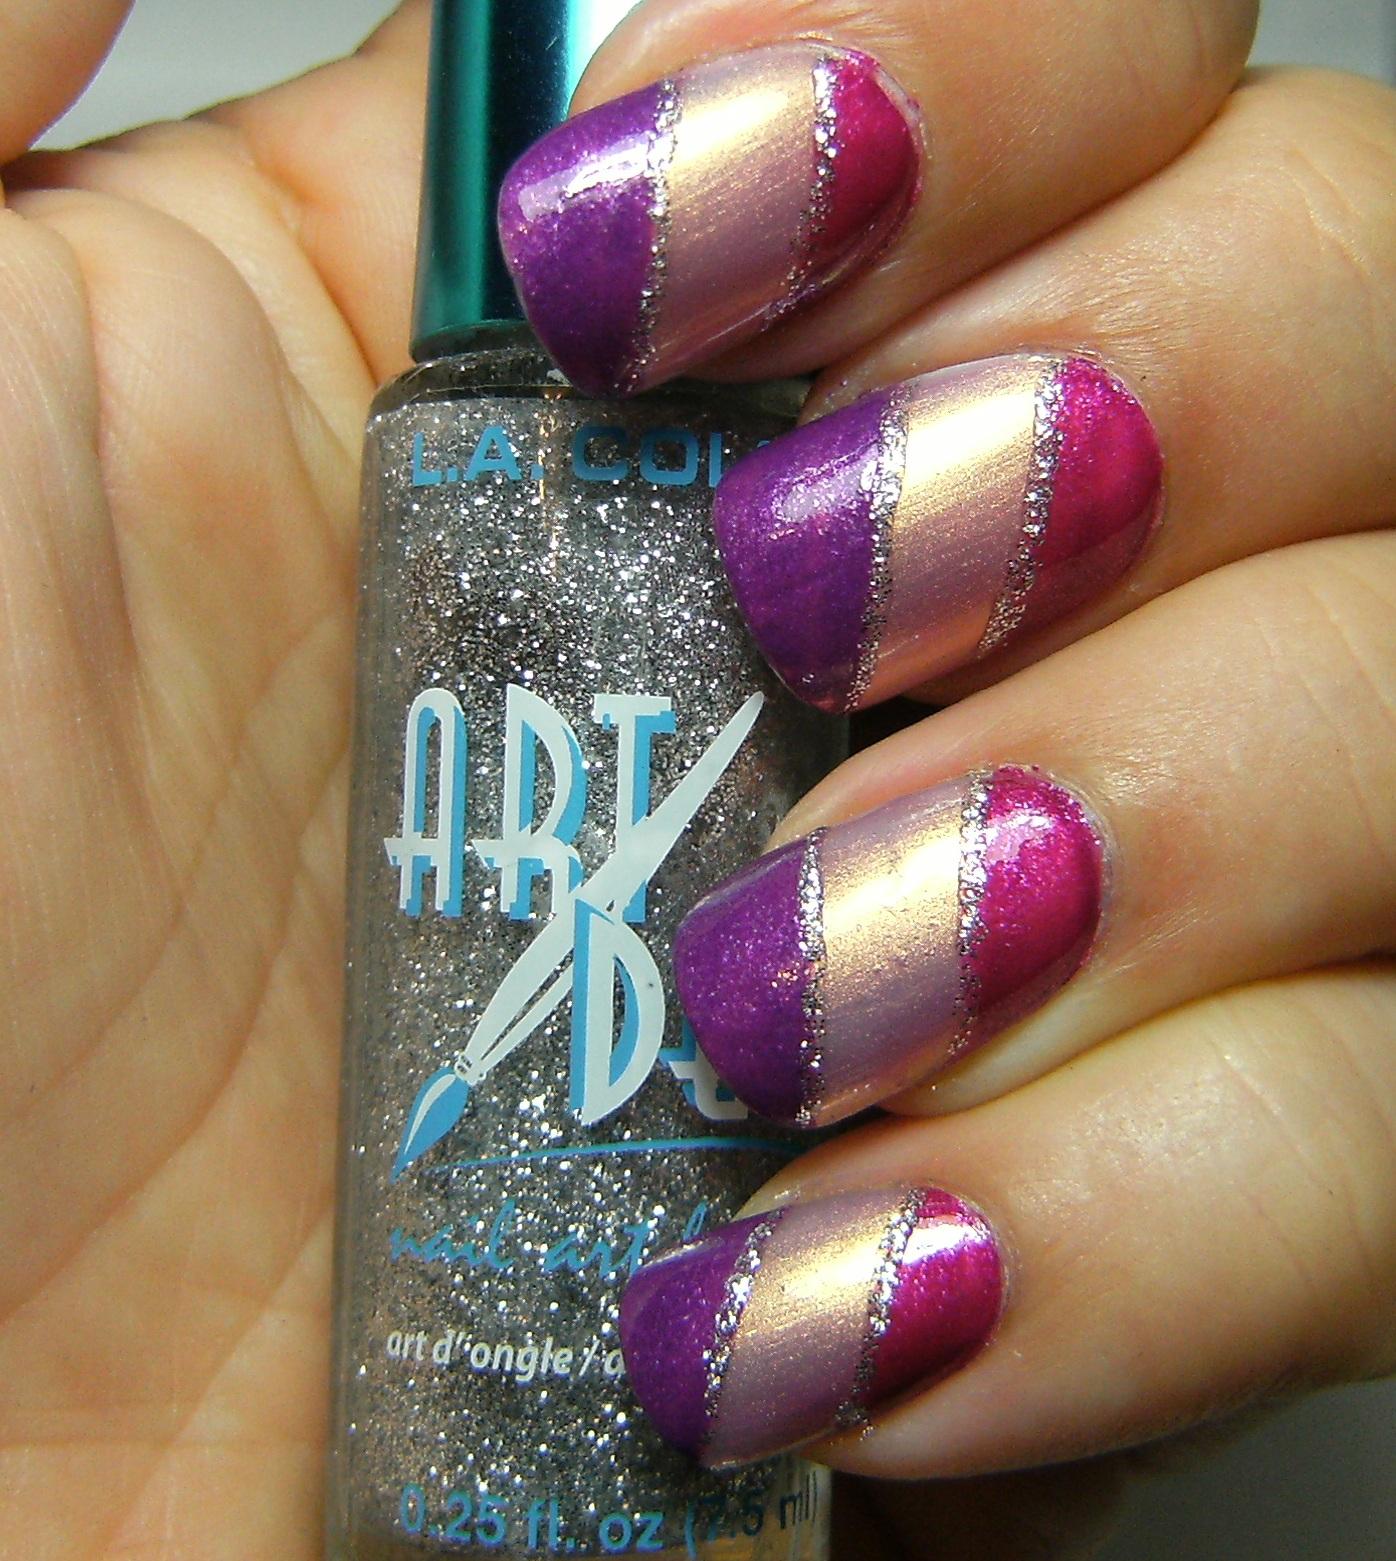 Deez Nailz: klean color nail duos stripes